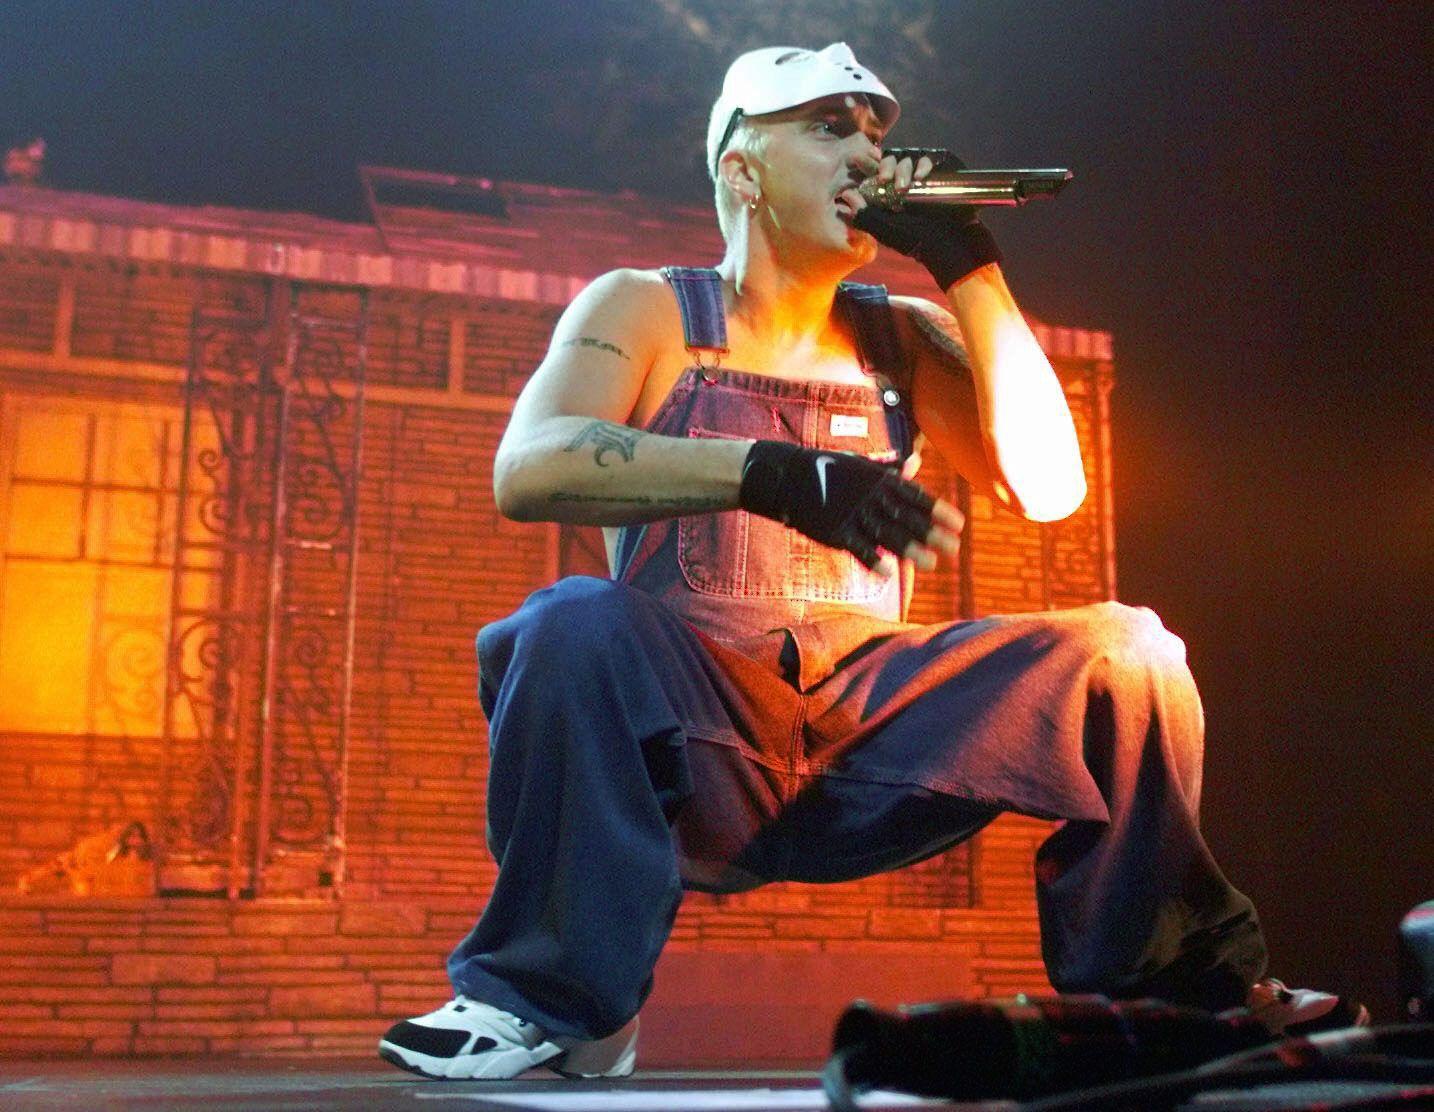 PÅ BESØK I 2001: I sommer er det 17 år siden Eminem gjestet Oslo Spektrum.